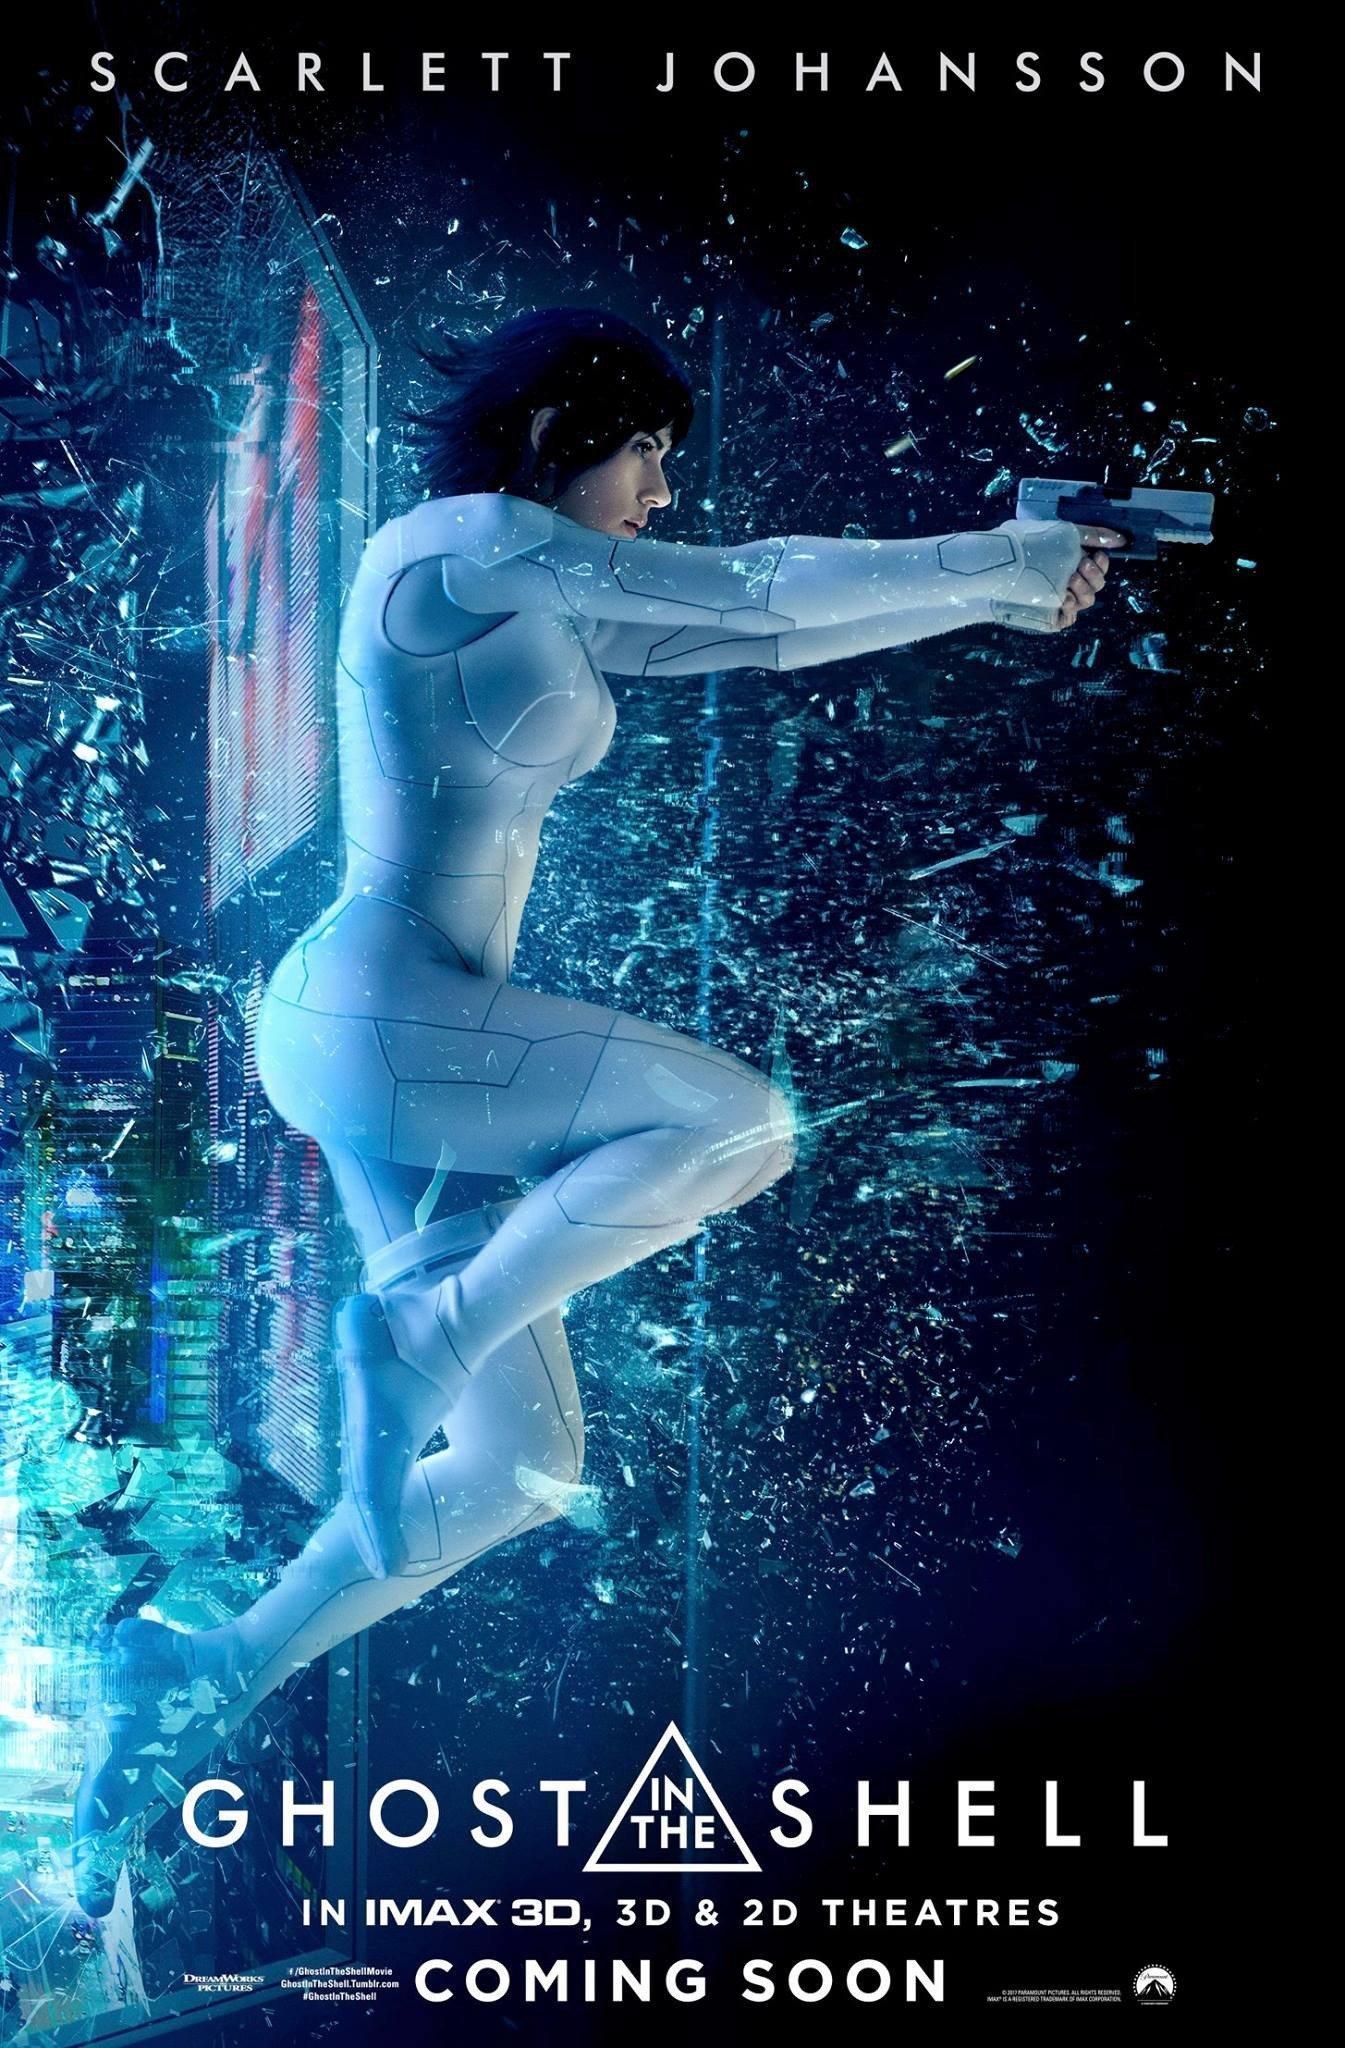 Poster du film Ghost in the Shell avec Scarlett Johansson traversant une vitre avec des flingues à la main